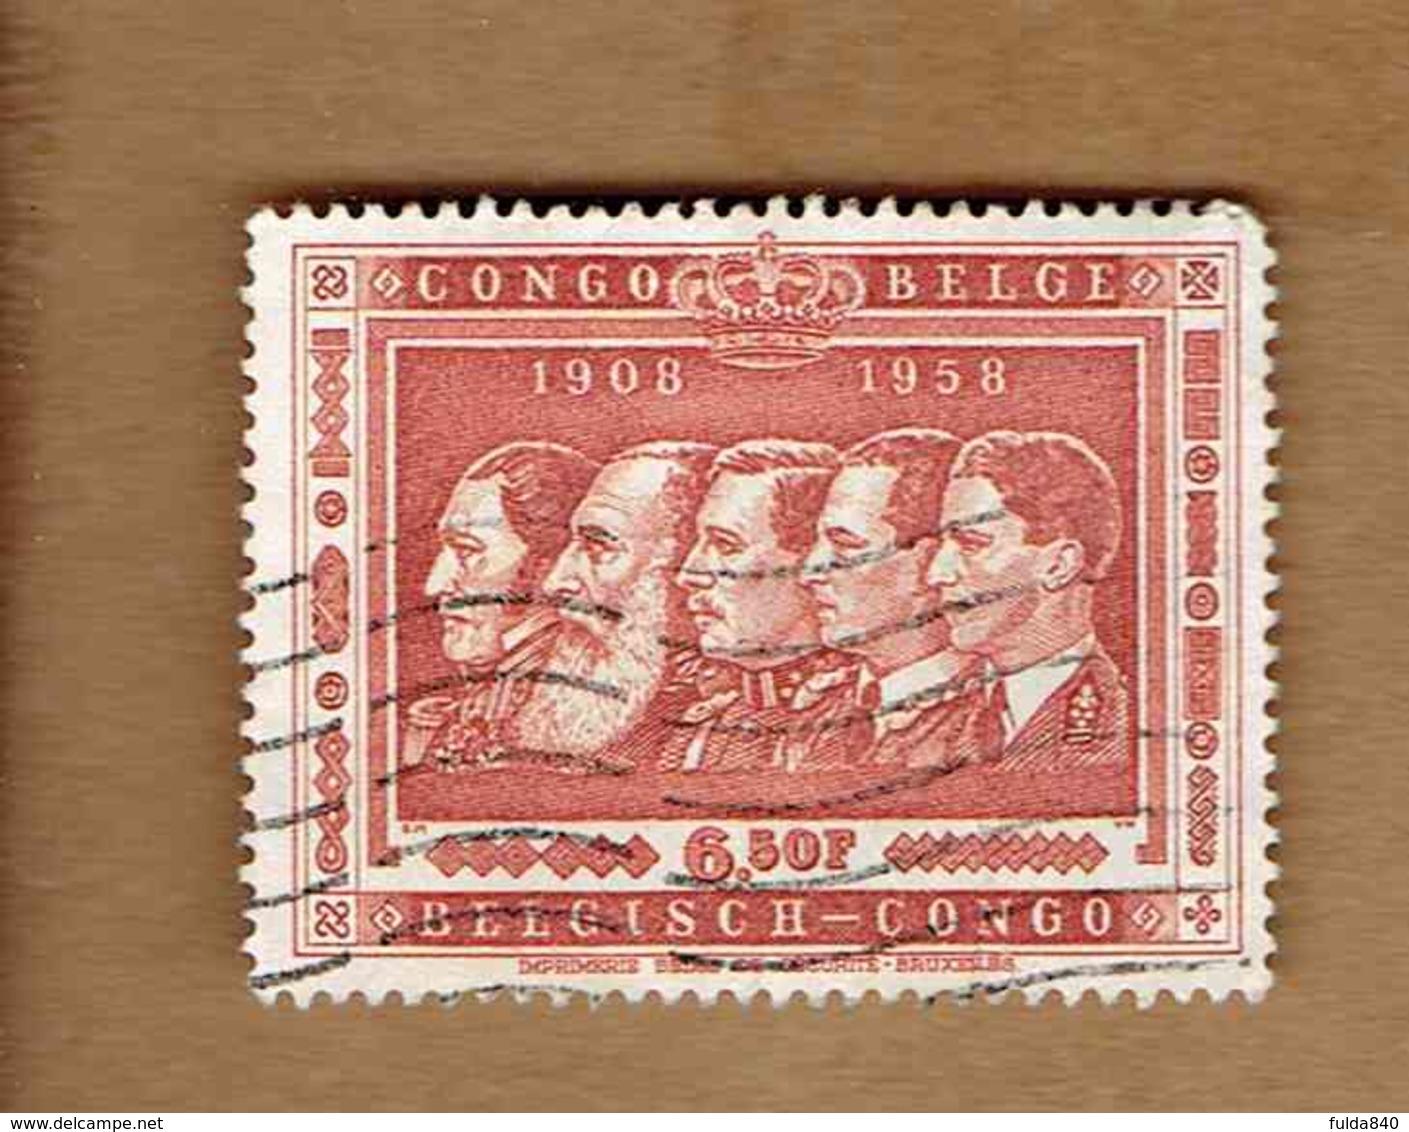 Congo Belge.(COB-OBP)  1958 - N°348    *CINQUANTENAIRE DU CONGO BELGE*     6,50F   Oblitéré - Congo Belge